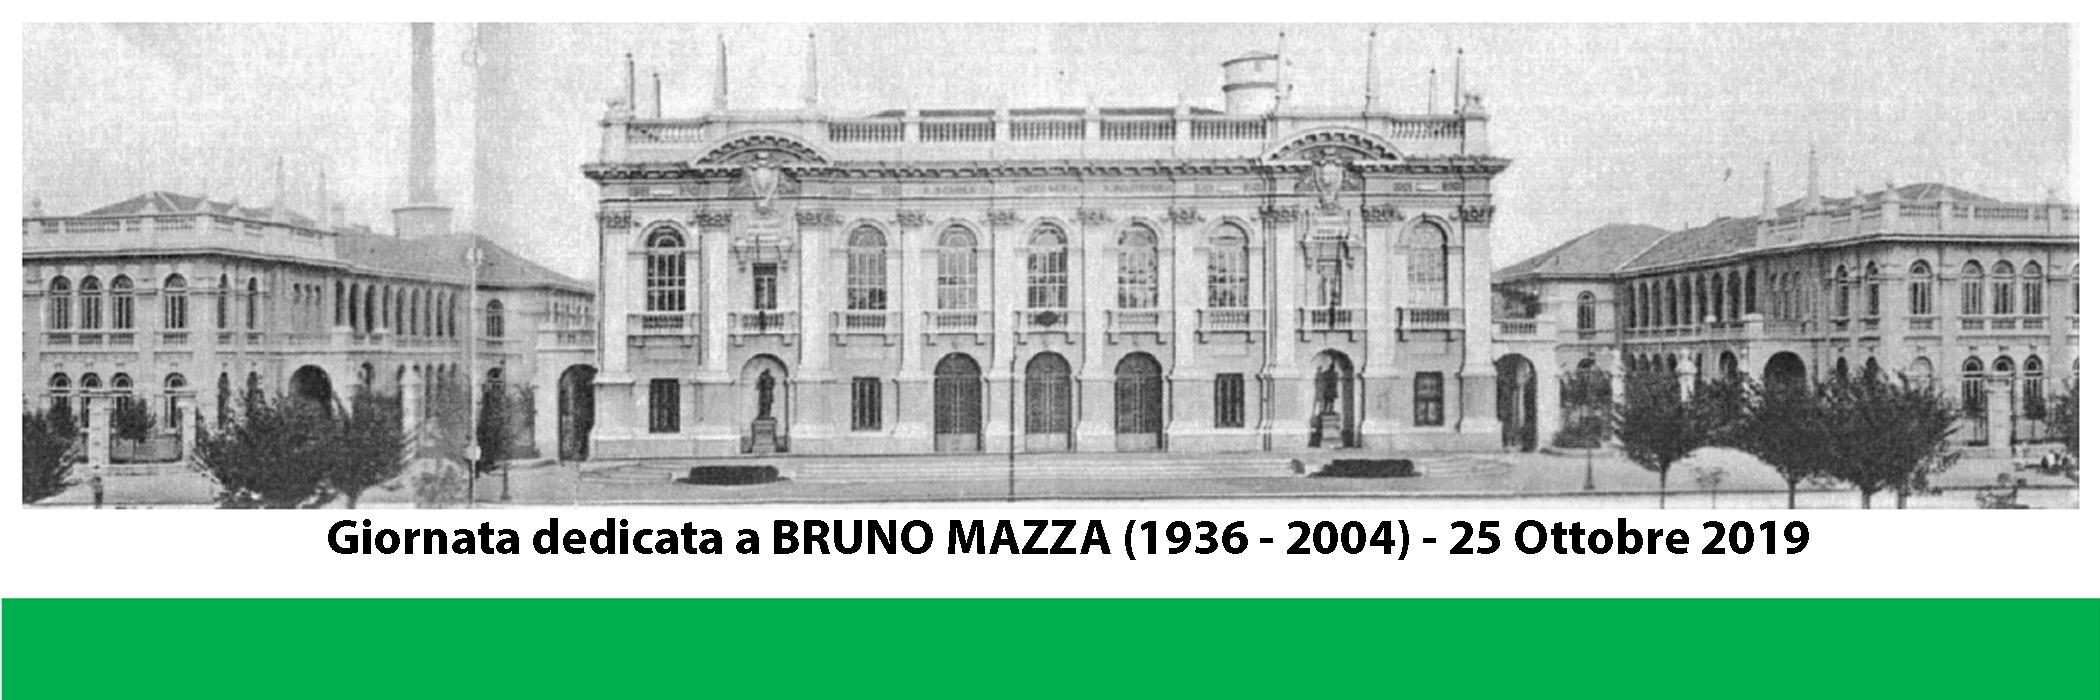 Una vita politecnica - Giornata dedicata a Bruno Mazza